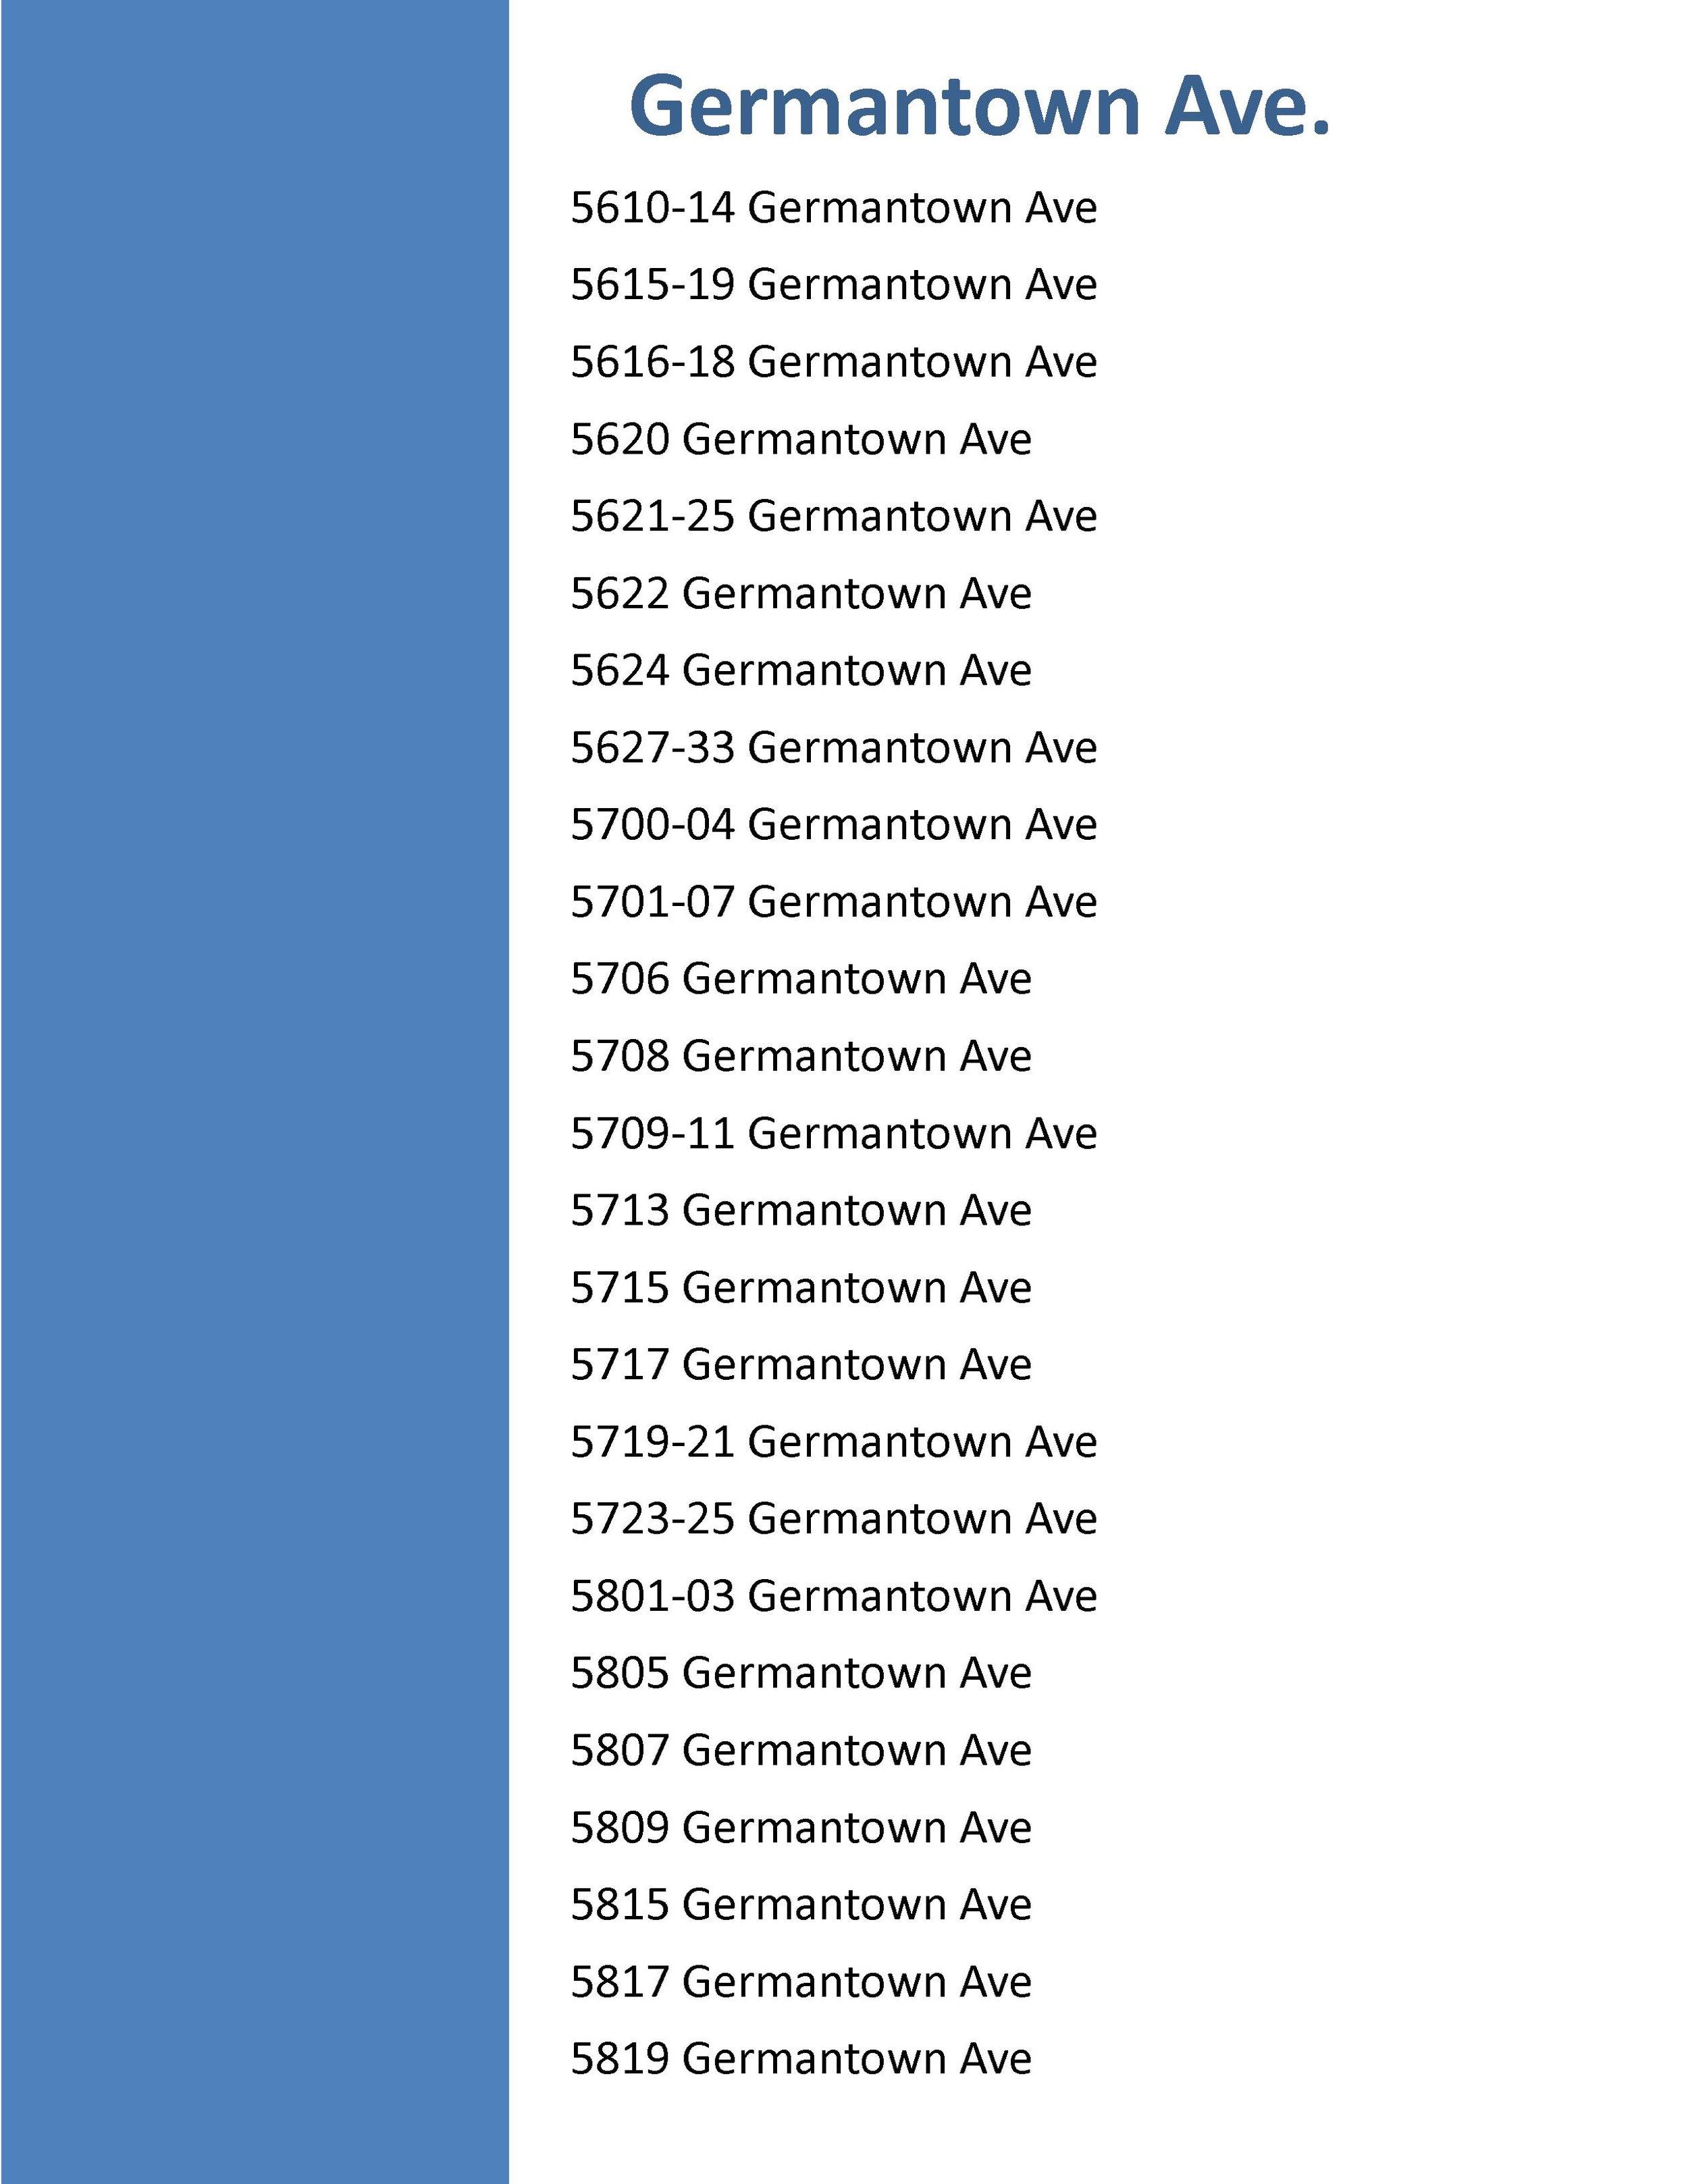 Germantown Ave Properties Pt 2 (2013-2018).jpg